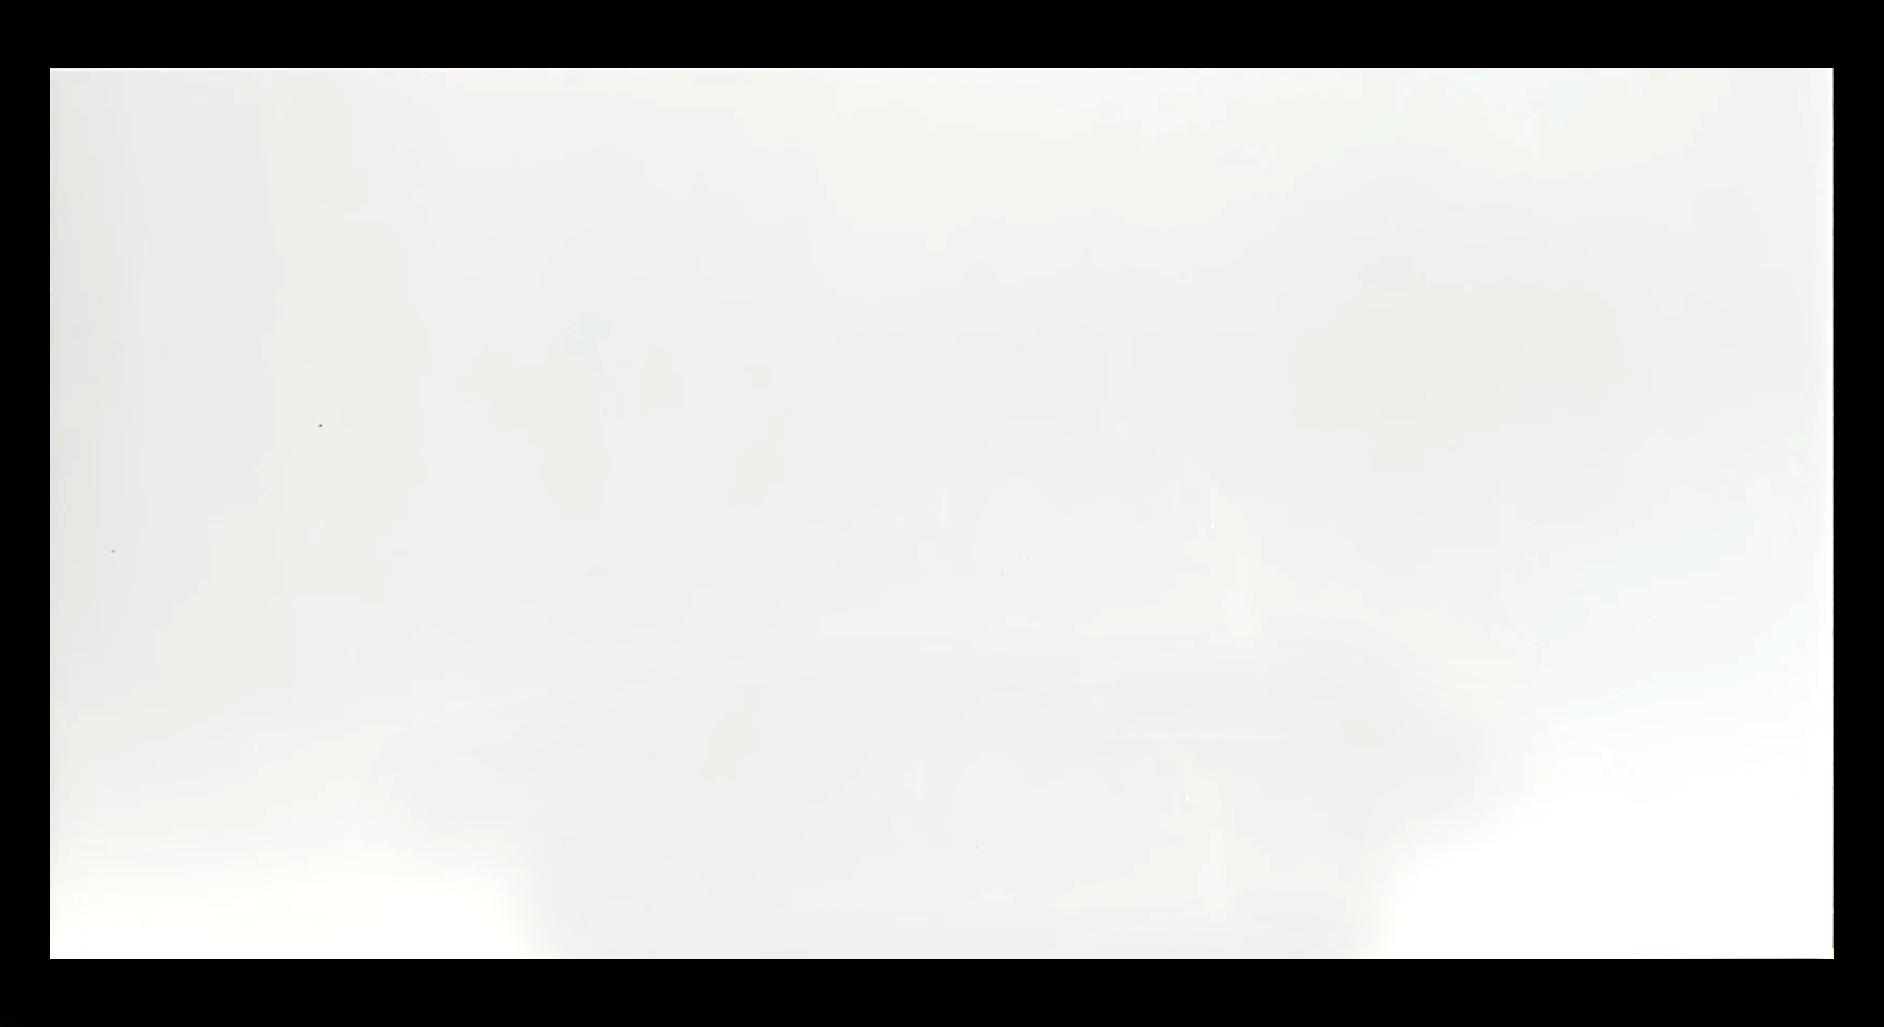 Hoogglans Wandtegel 30x60 Cm A Keus Glans Wit Gerectificeerd Rb Tegels Tiel